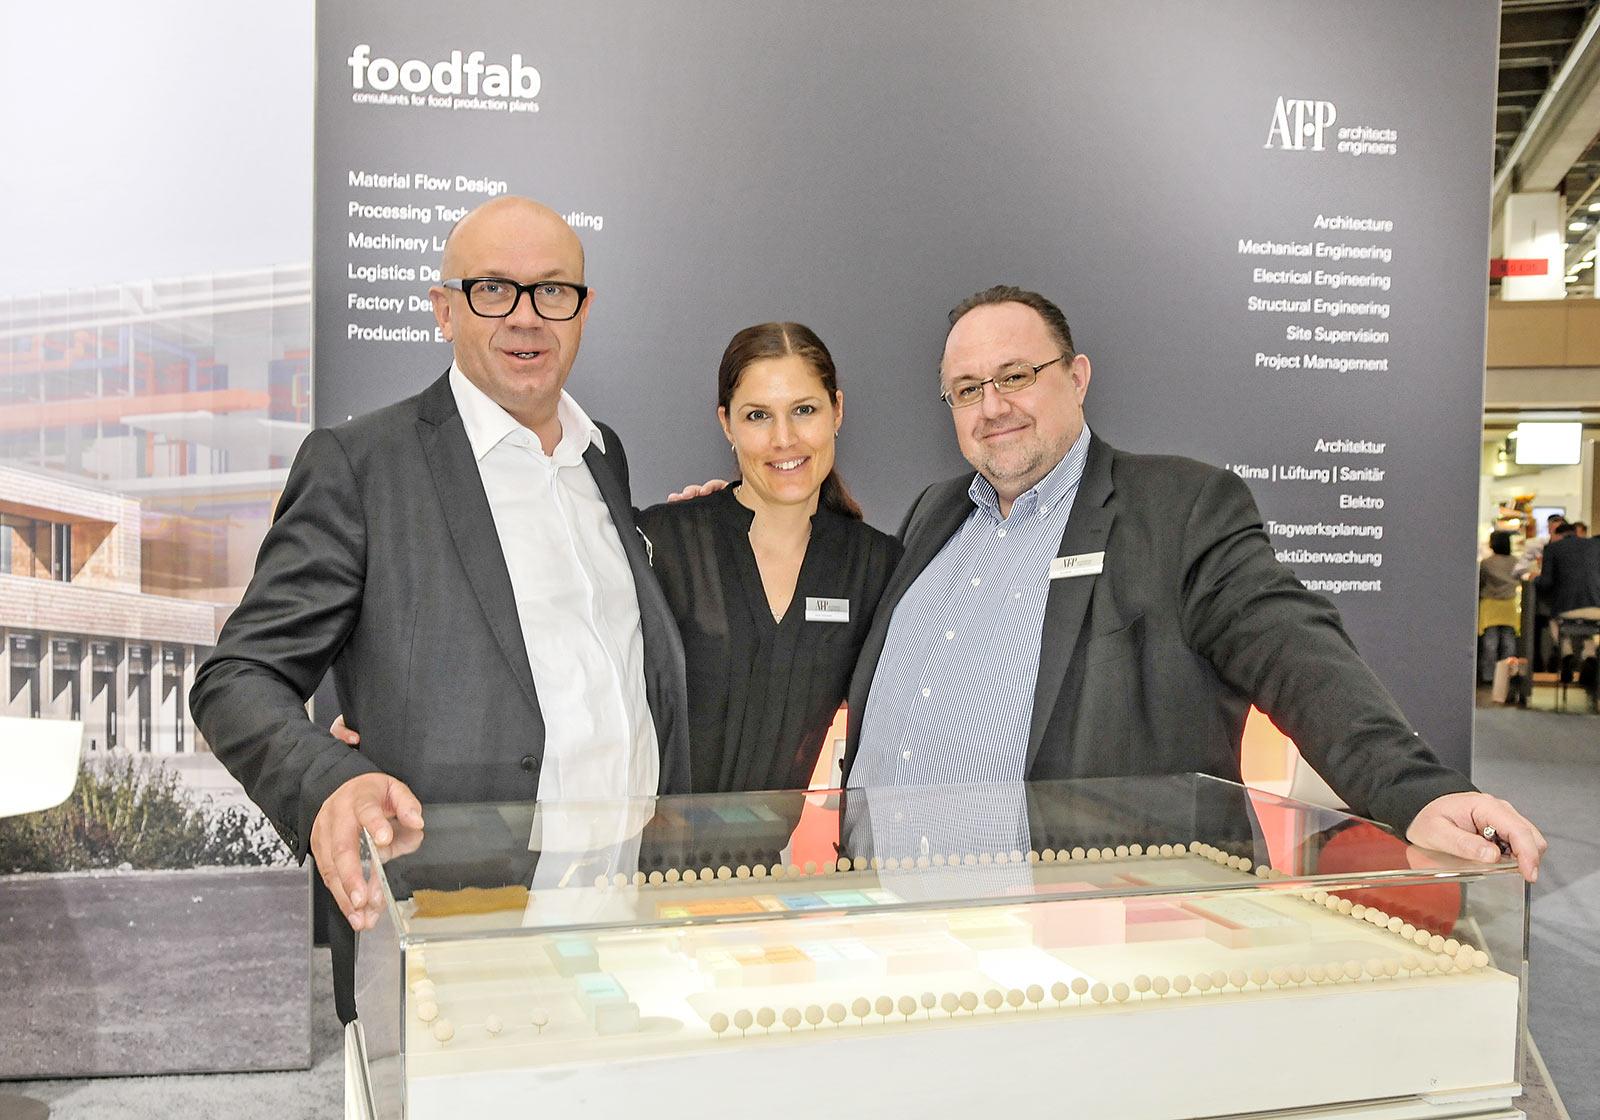 Michael Trautwein, Beate Fankhauser und Martin Katzlinger präsentierten Foodfab auf der Fleischmesse. Foto: Creativ Photo